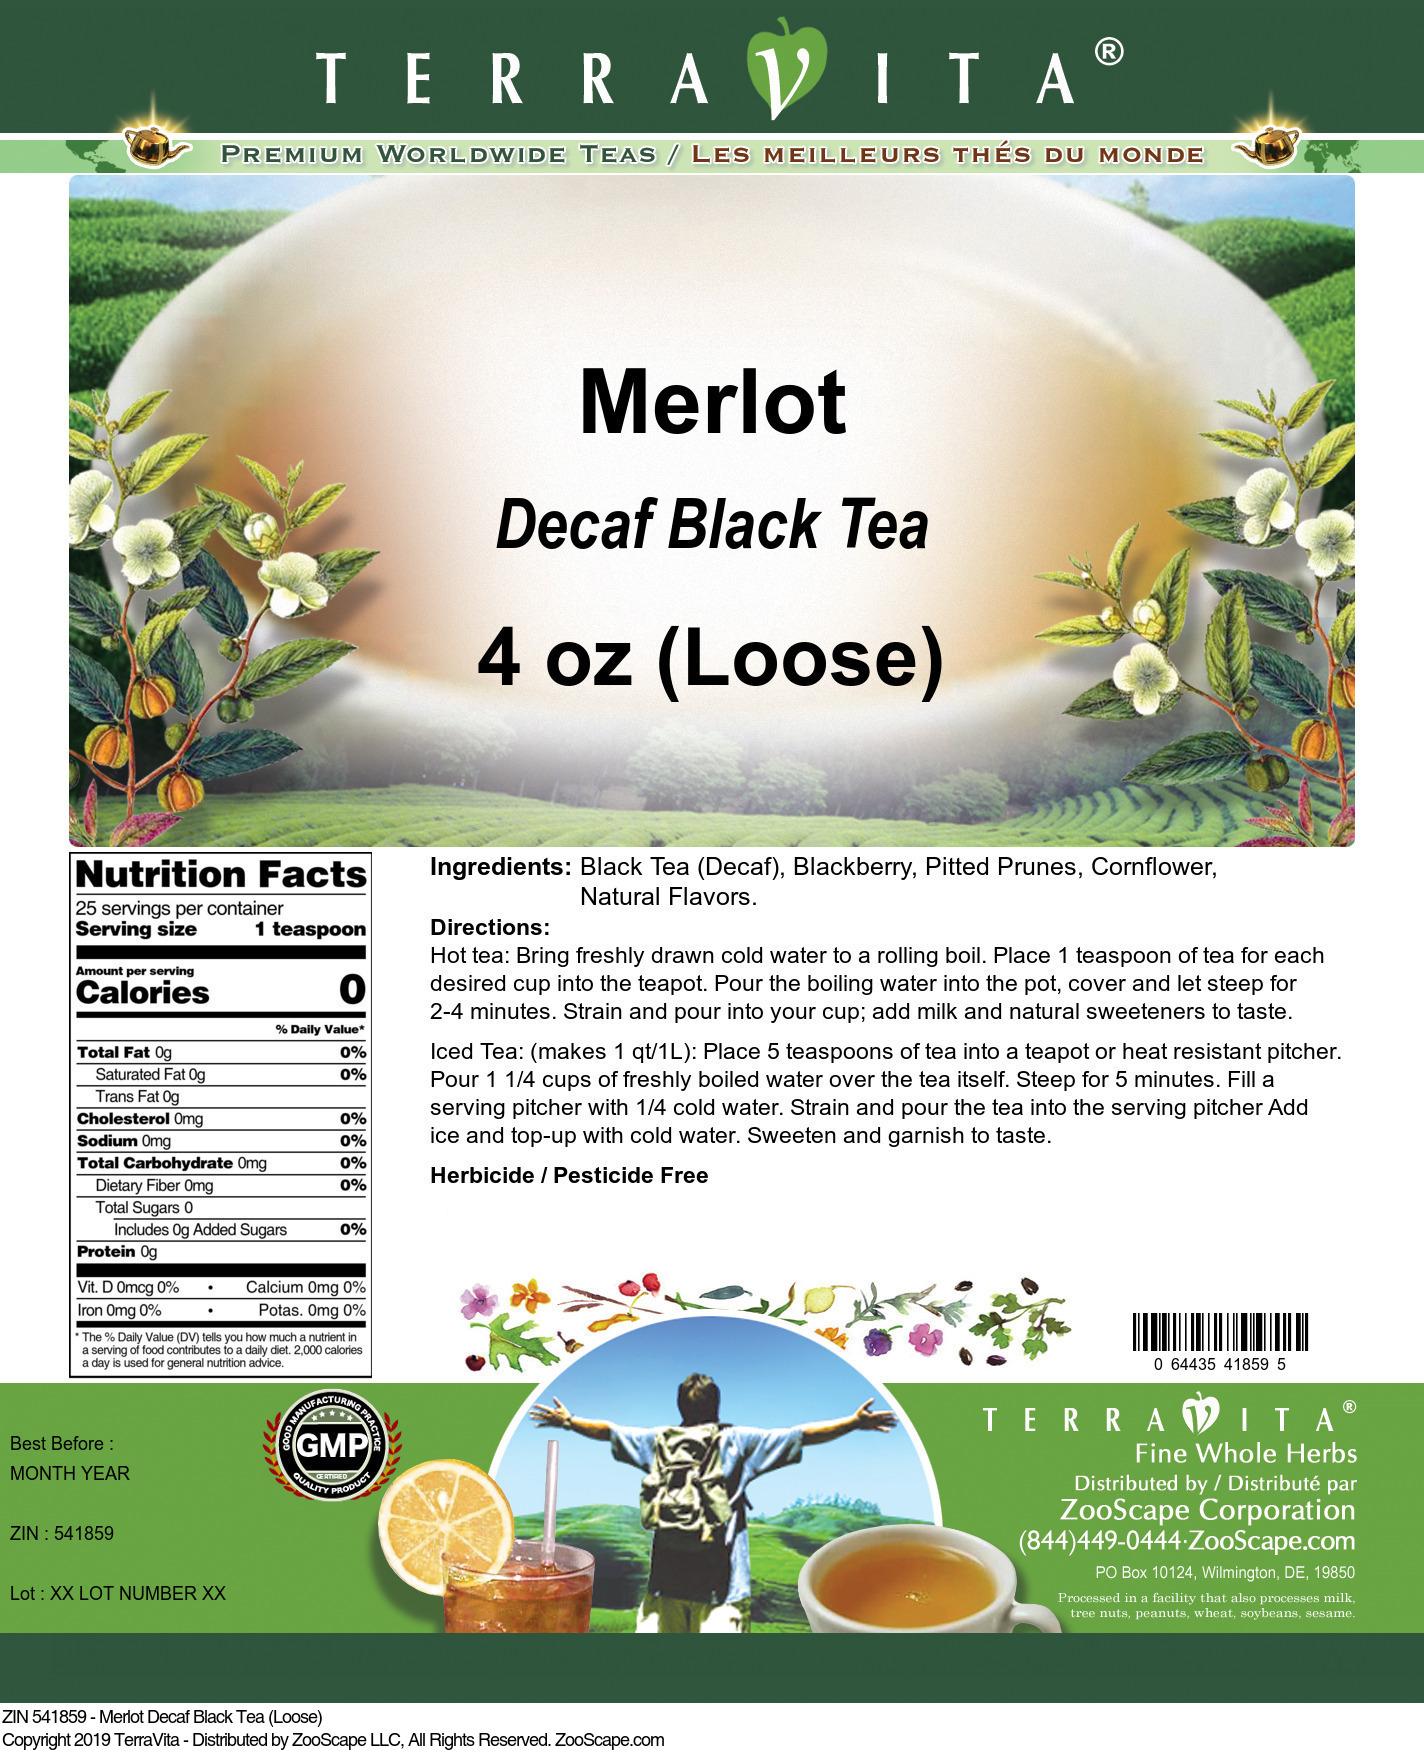 Merlot Decaf Black Tea (Loose)